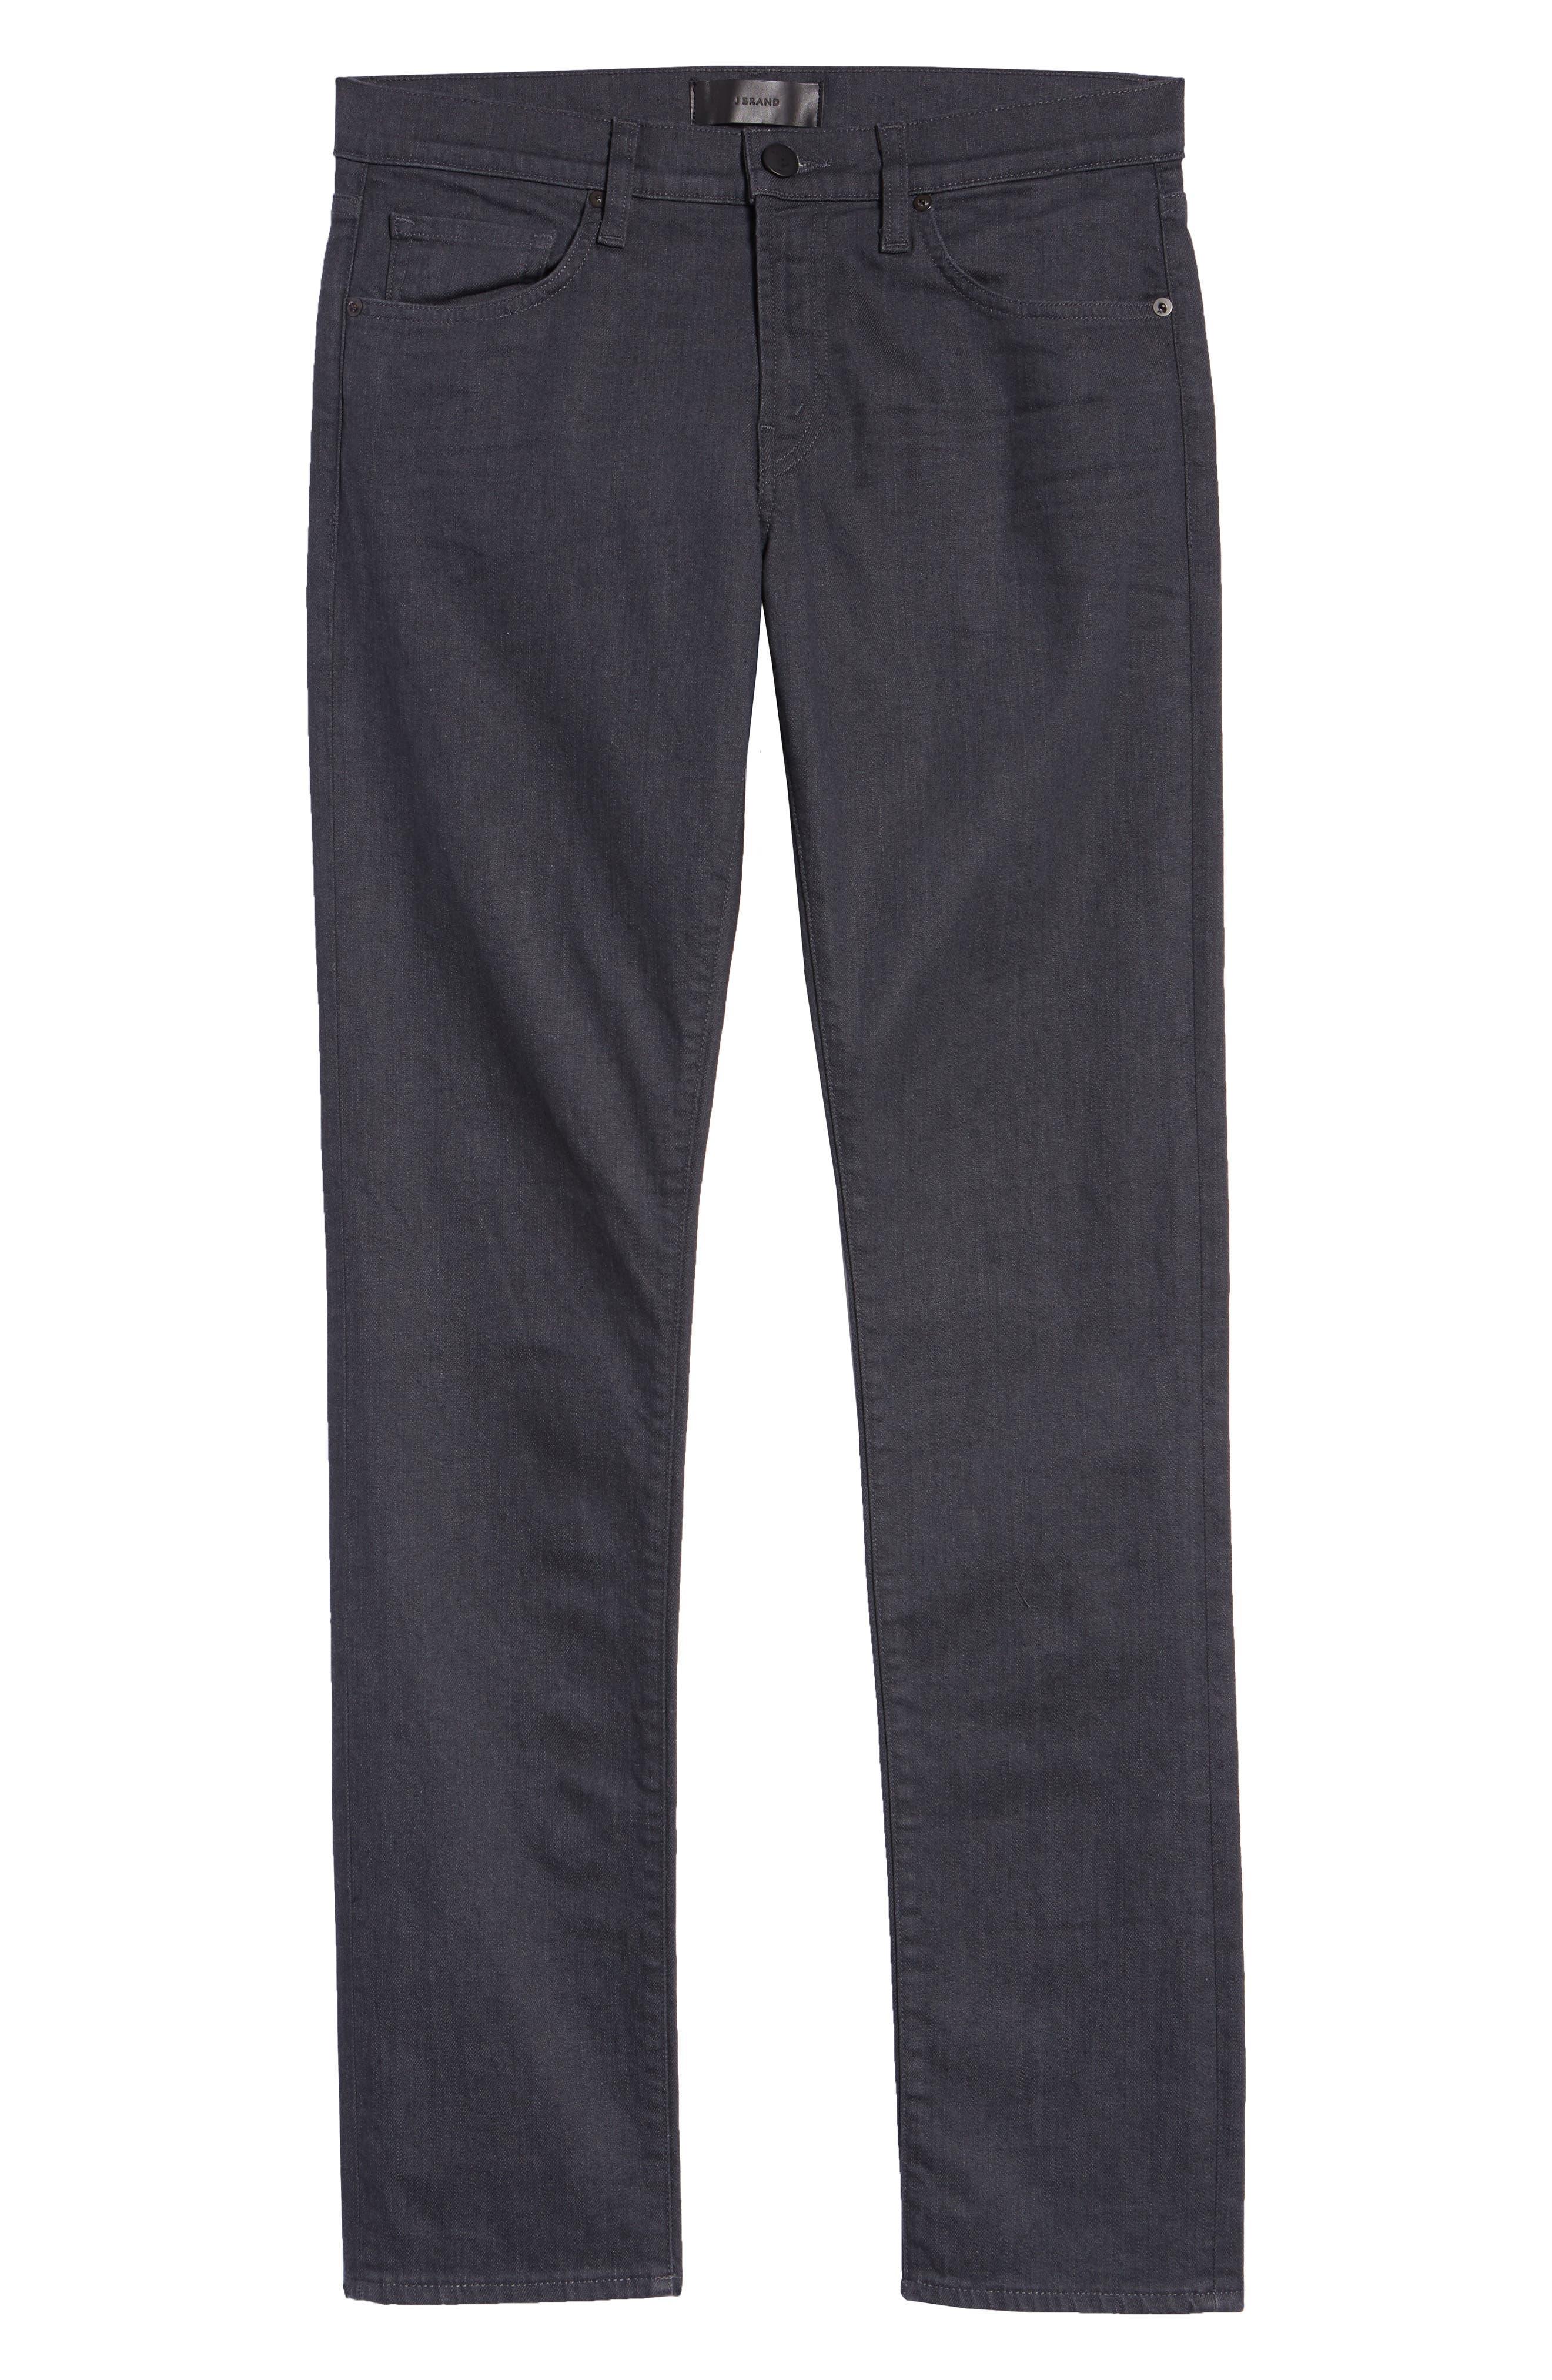 J BRAND, Tyler Slim Fit Jeans, Alternate thumbnail 2, color, SLATE RESIN